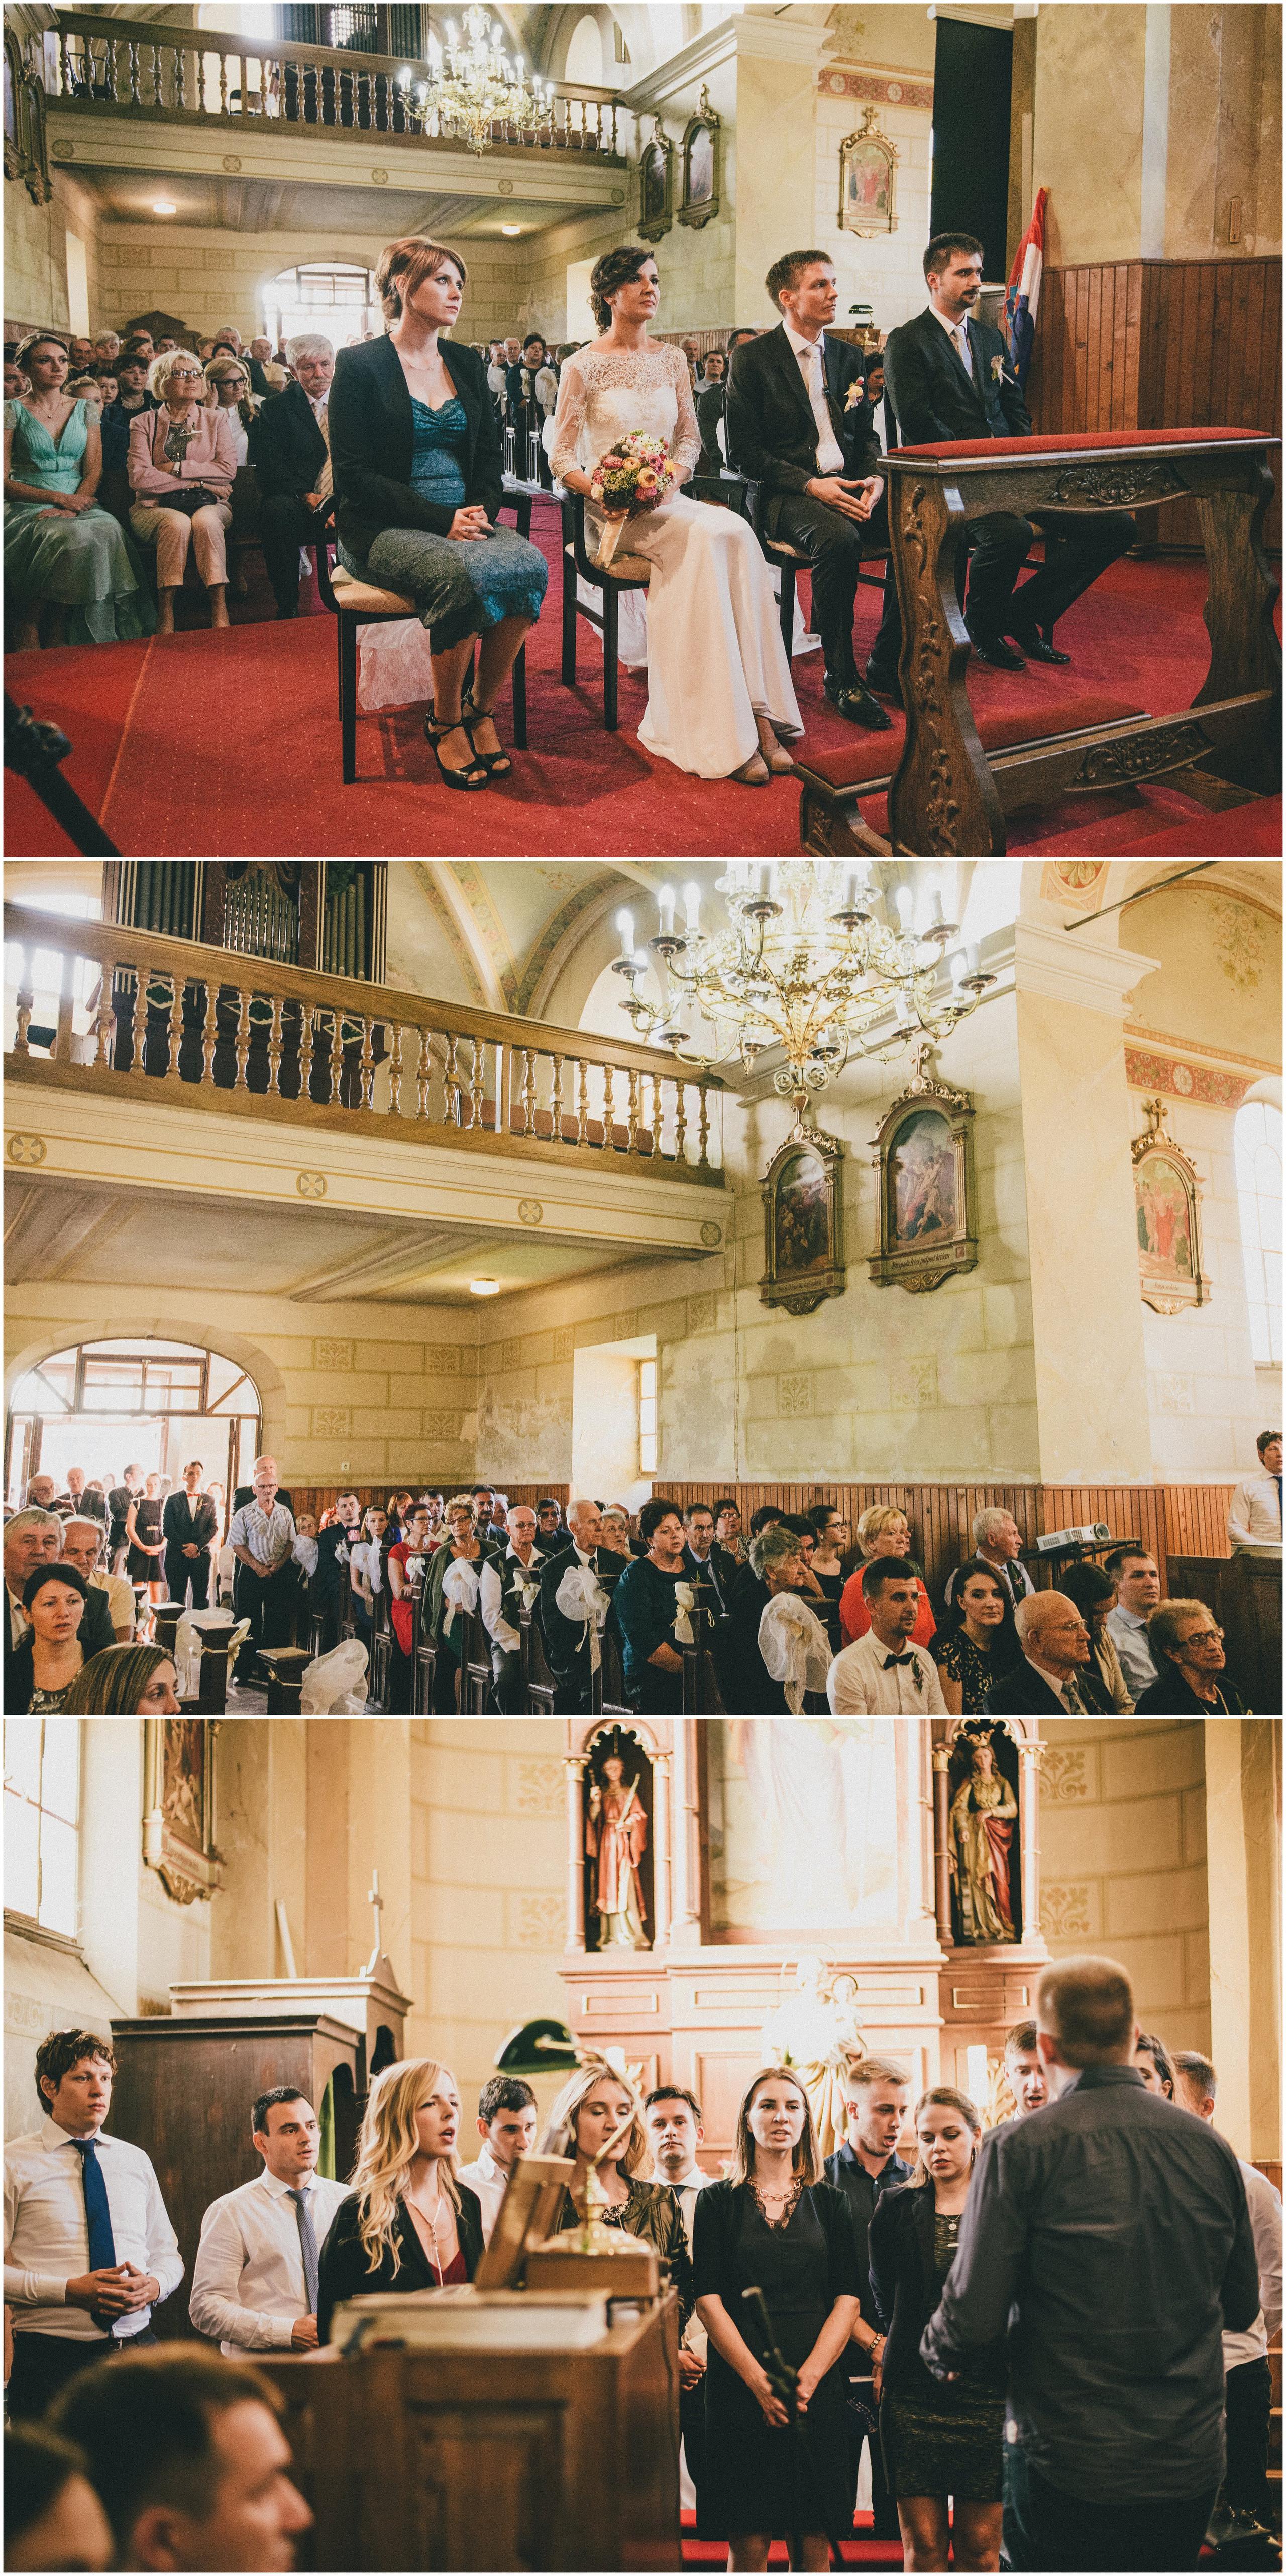 Crkva, gosti i zbor